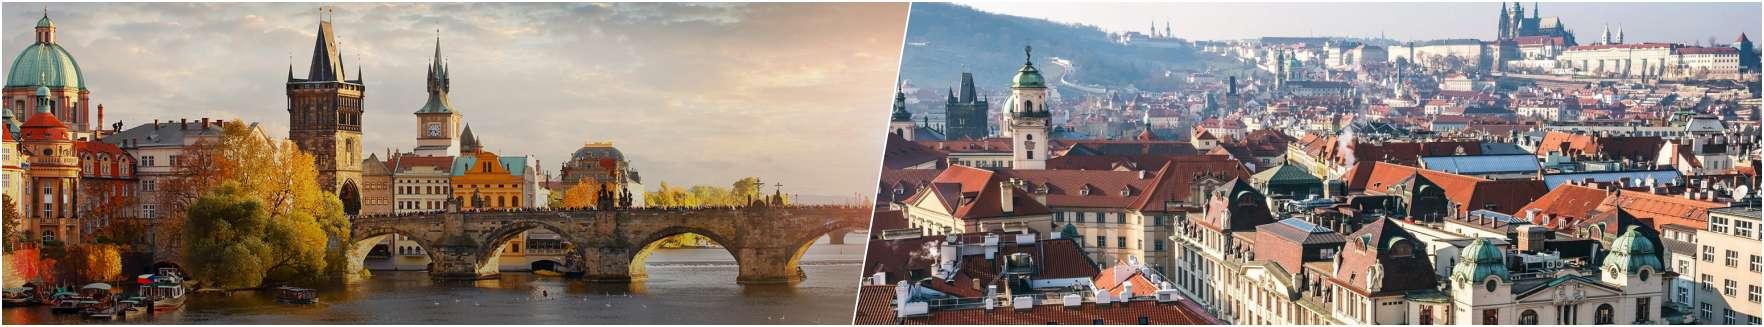 Prague - Prague Old Town